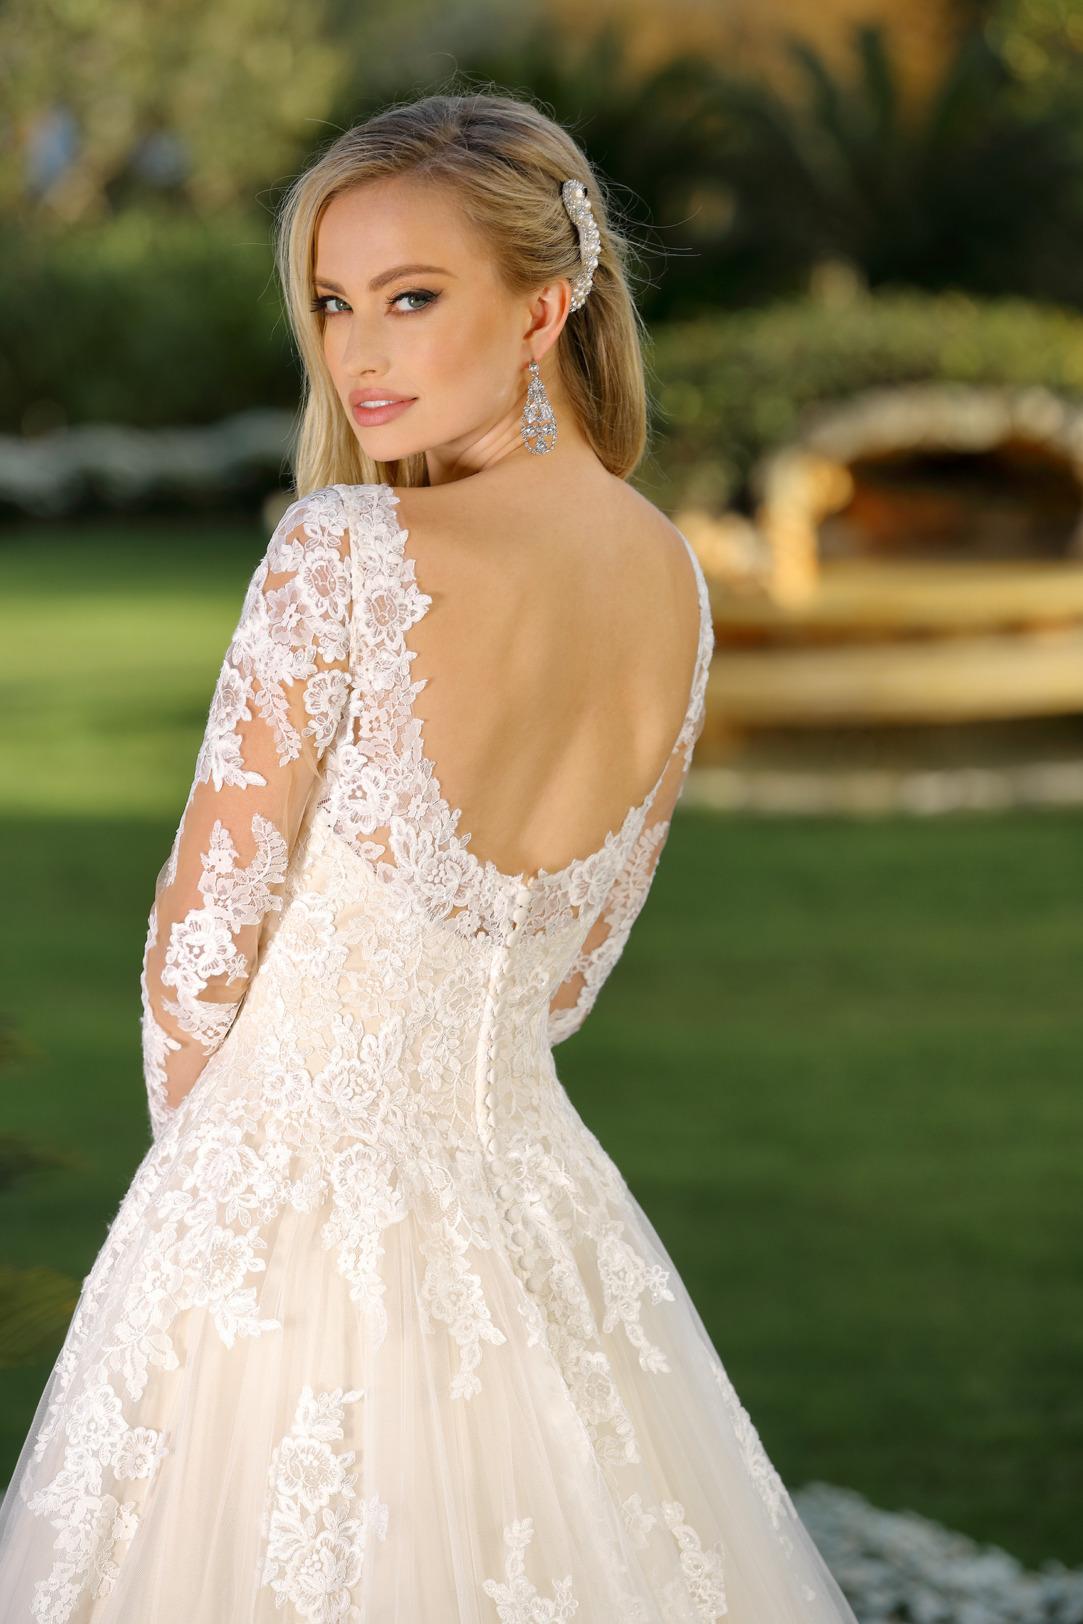 Brautkleid Hochzeitskleid im Prinzessinnen Stil von Ladybird Modell 421067 mit großem V Ausschnitt und langem Arm mit feinsten Spitzen Applikationen all over und weitem Tüll Rock Rückenansicht